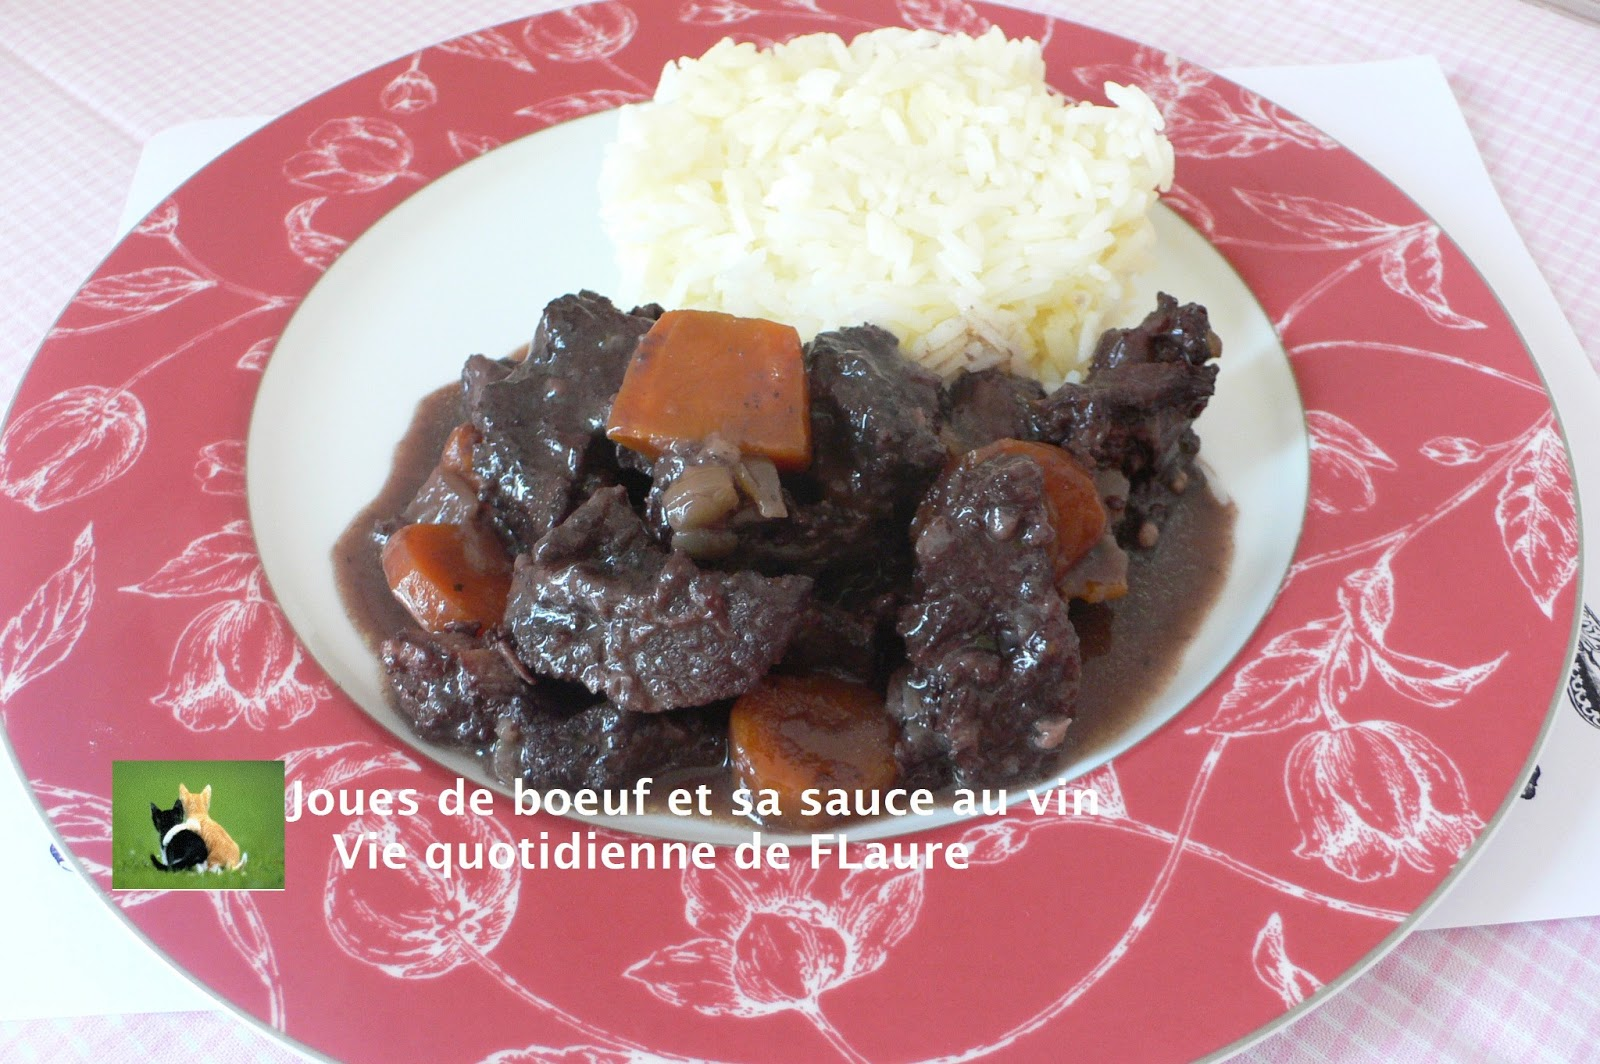 Joues de b uf et sa sauce au vin blogs de cuisine - Recette joue de boeuf au four ...